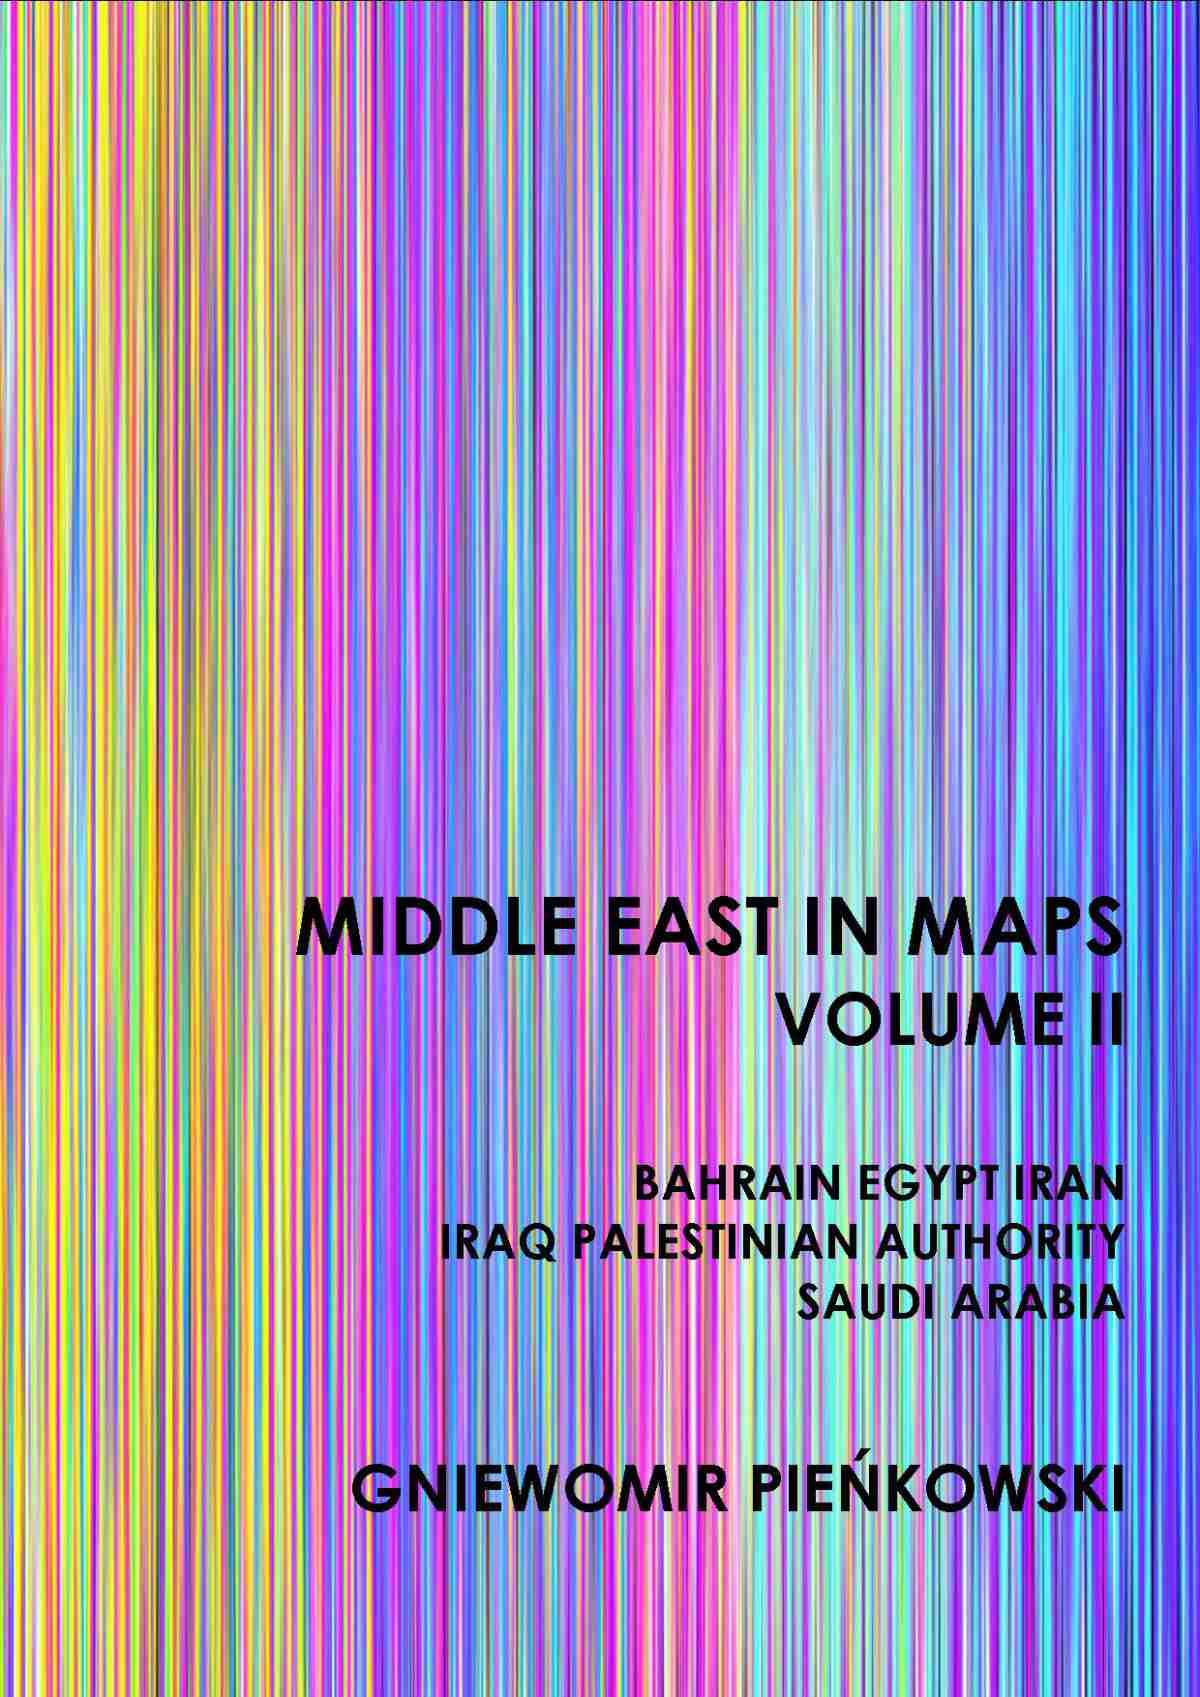 Middle East in Maps. Volume II: Bahrain, Egypt, Iran, Iraq, Palestine Authority, Saudi Arabia - Ebook (Książka PDF) do pobrania w formacie PDF